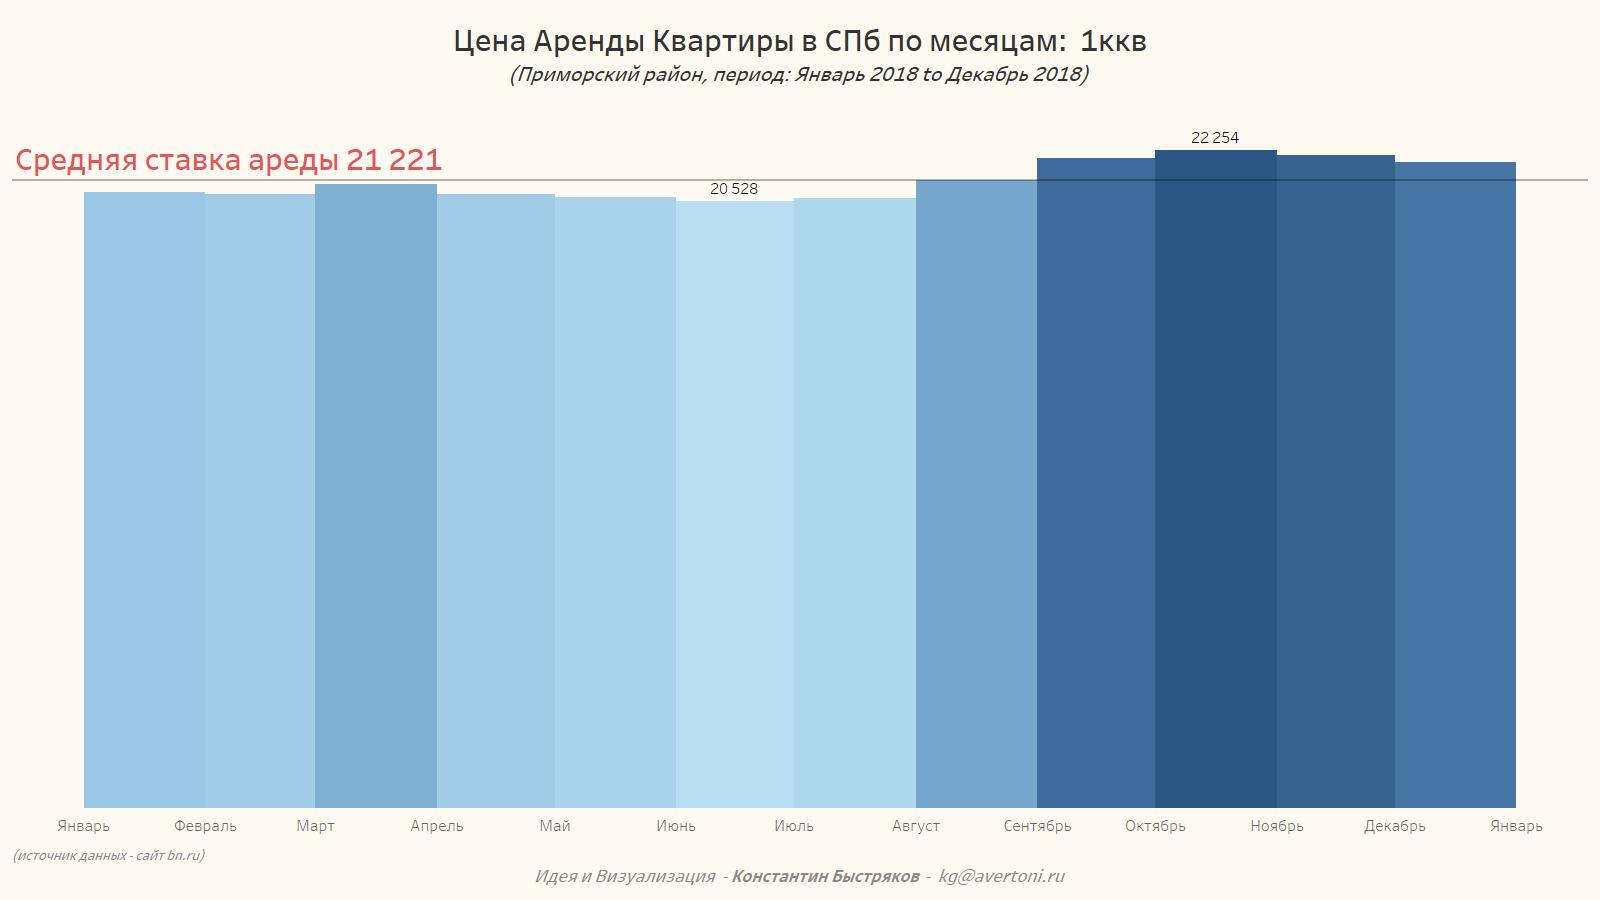 Средняя стоимости аренды квартиры в Приморском районе СПб с разбивкой по месяцам 2018 года.